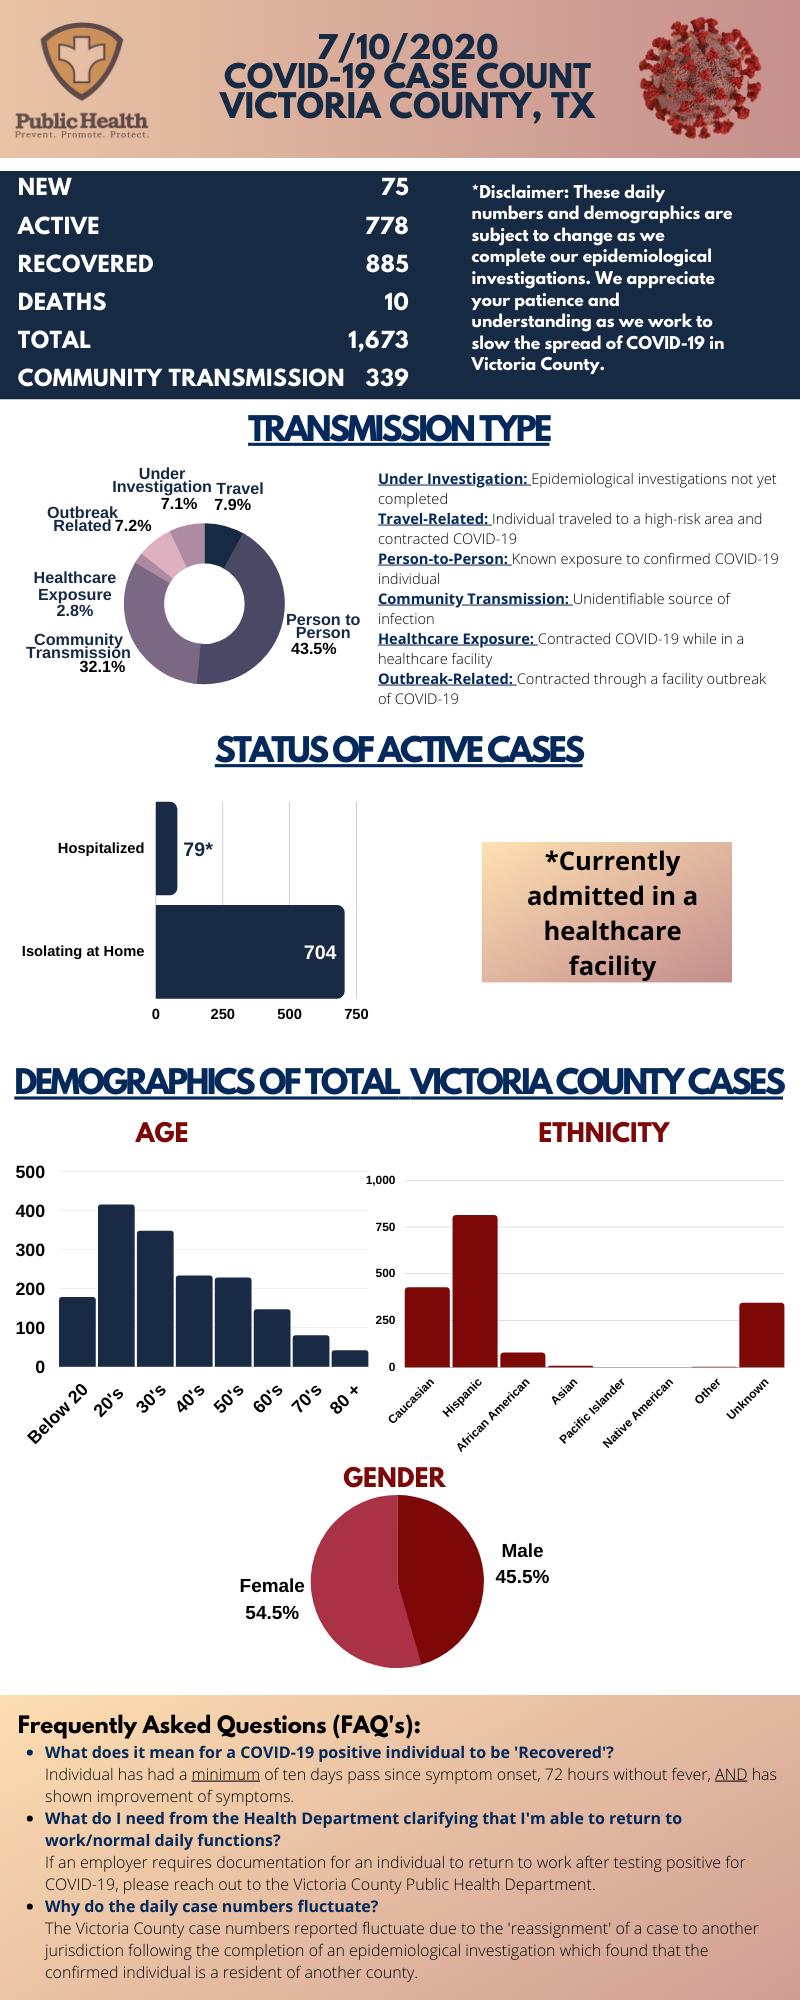 Victoria adds 75 new COVID-19 cases